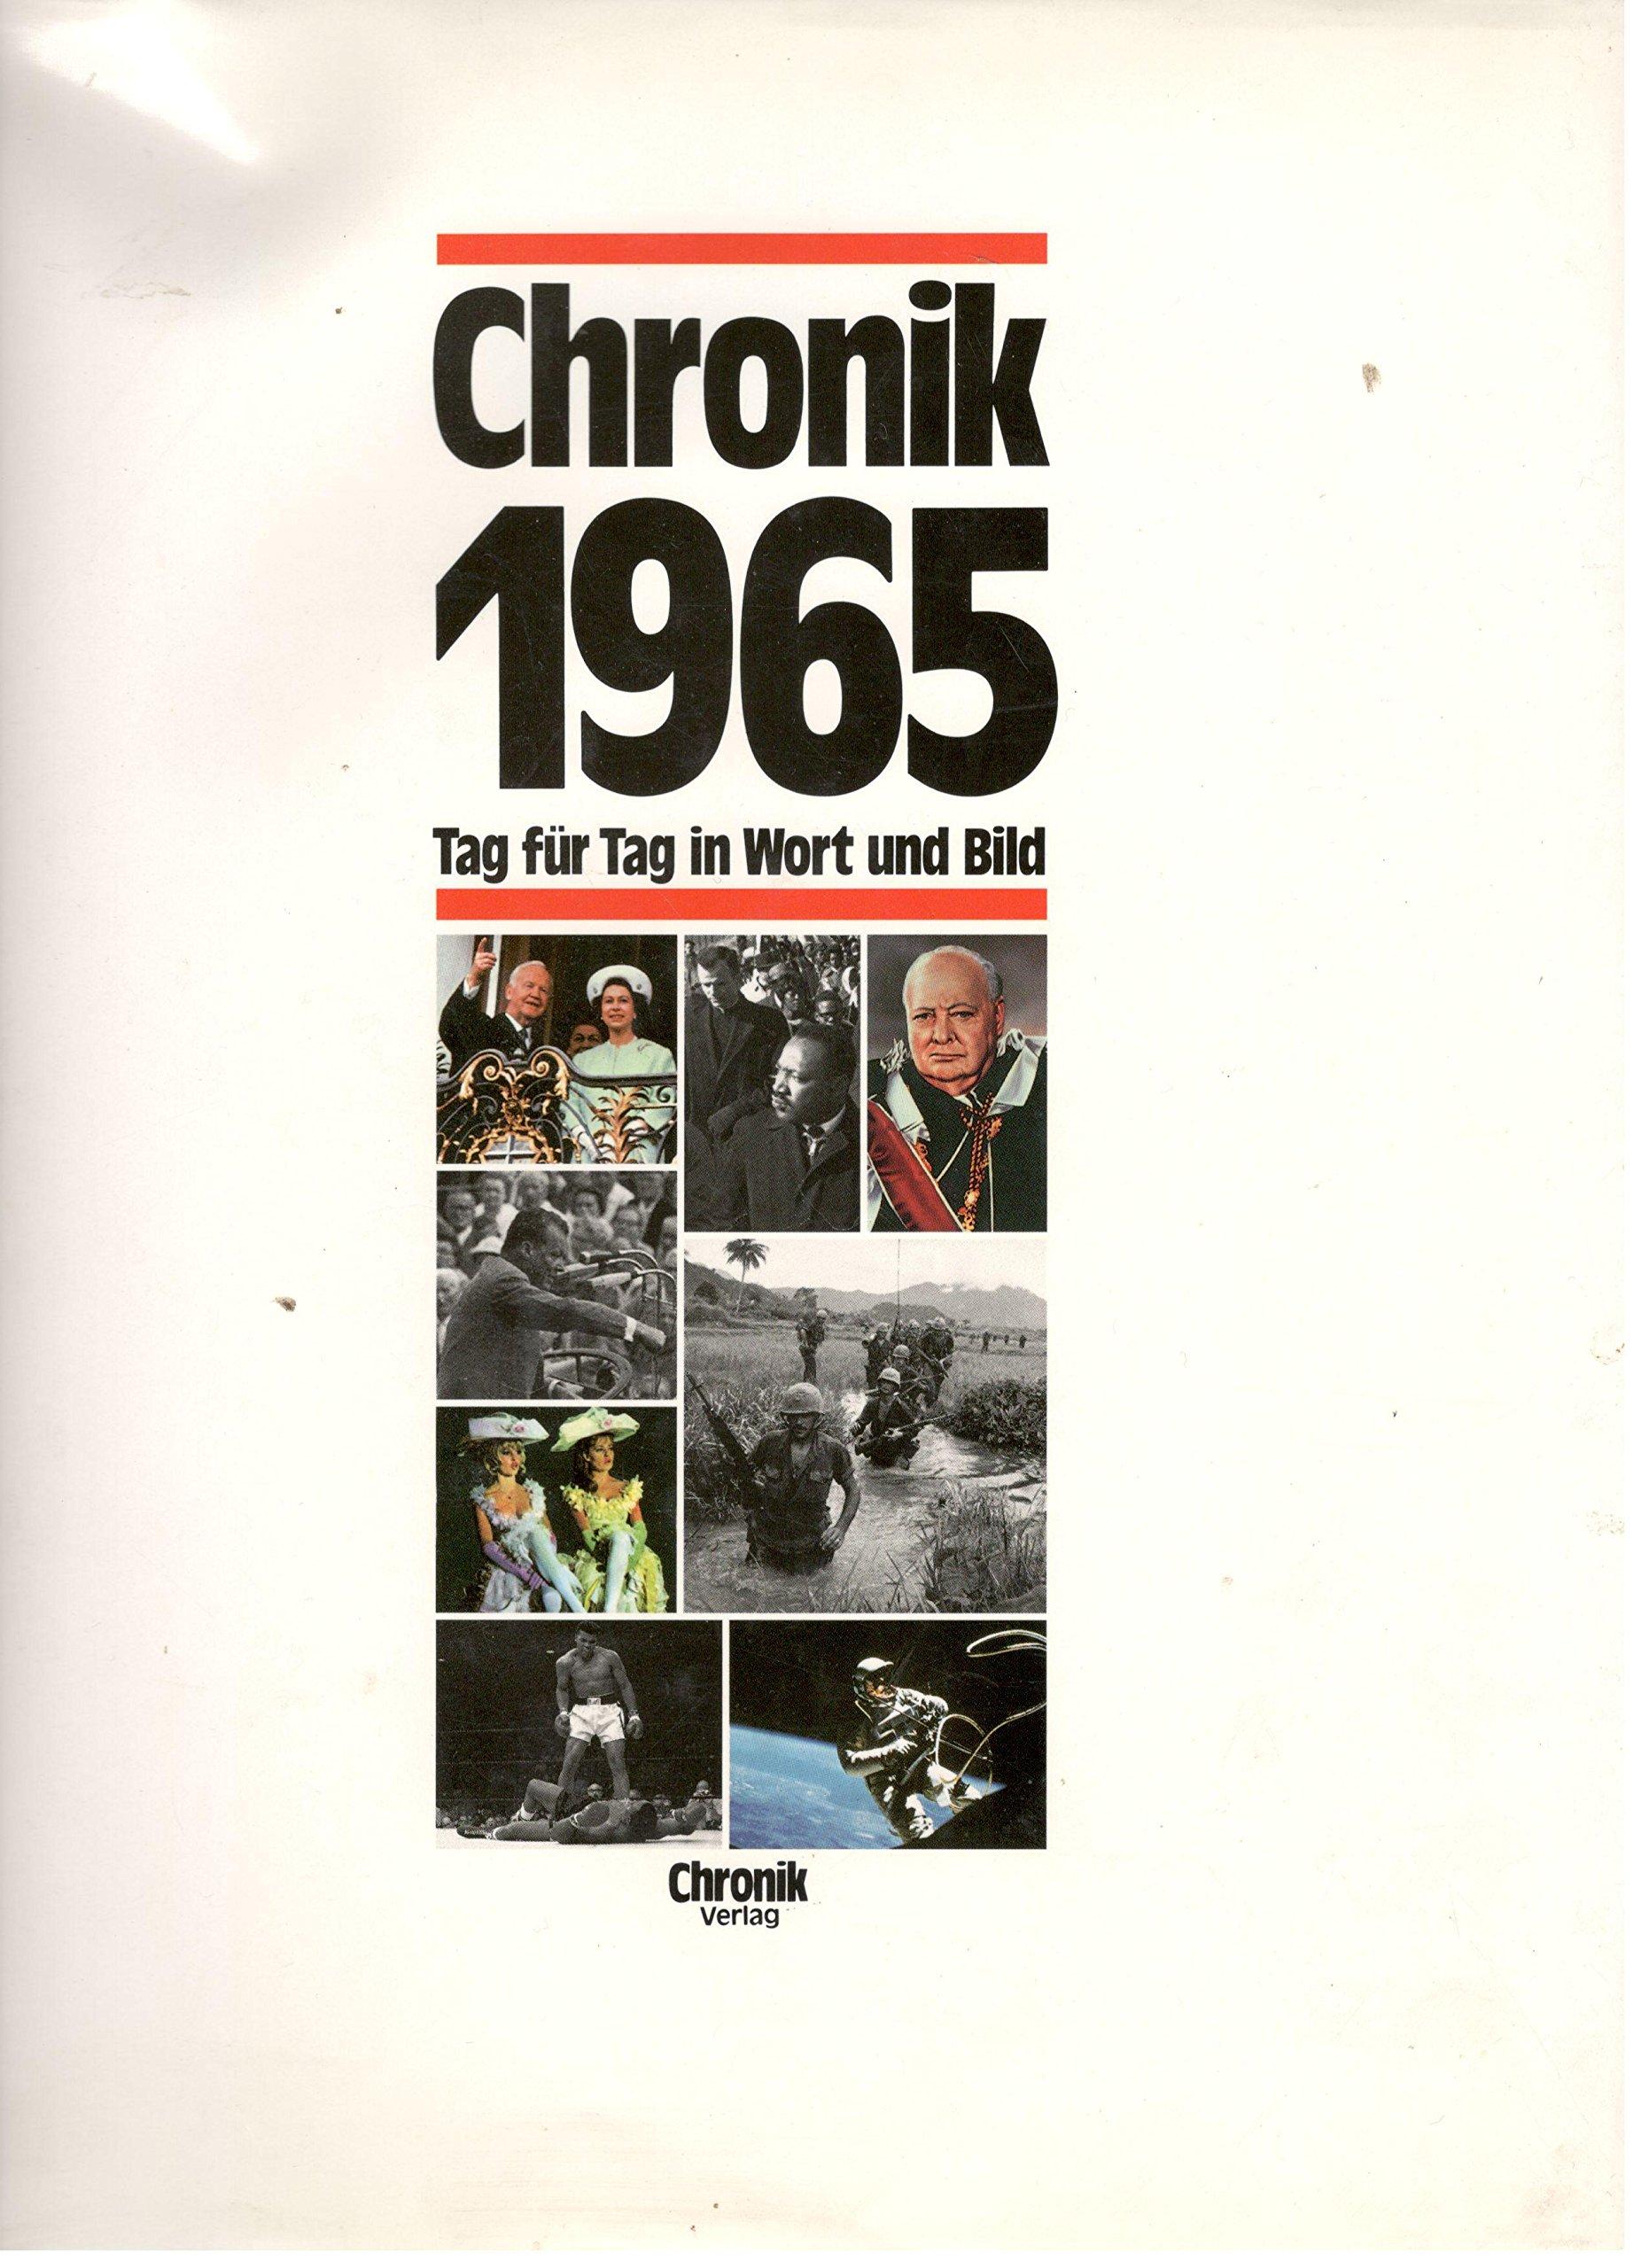 Chronik 1965 (Chronik / Bibliothek des 20. Jahrhunderts. Tag für Tag in Wort und Bild)